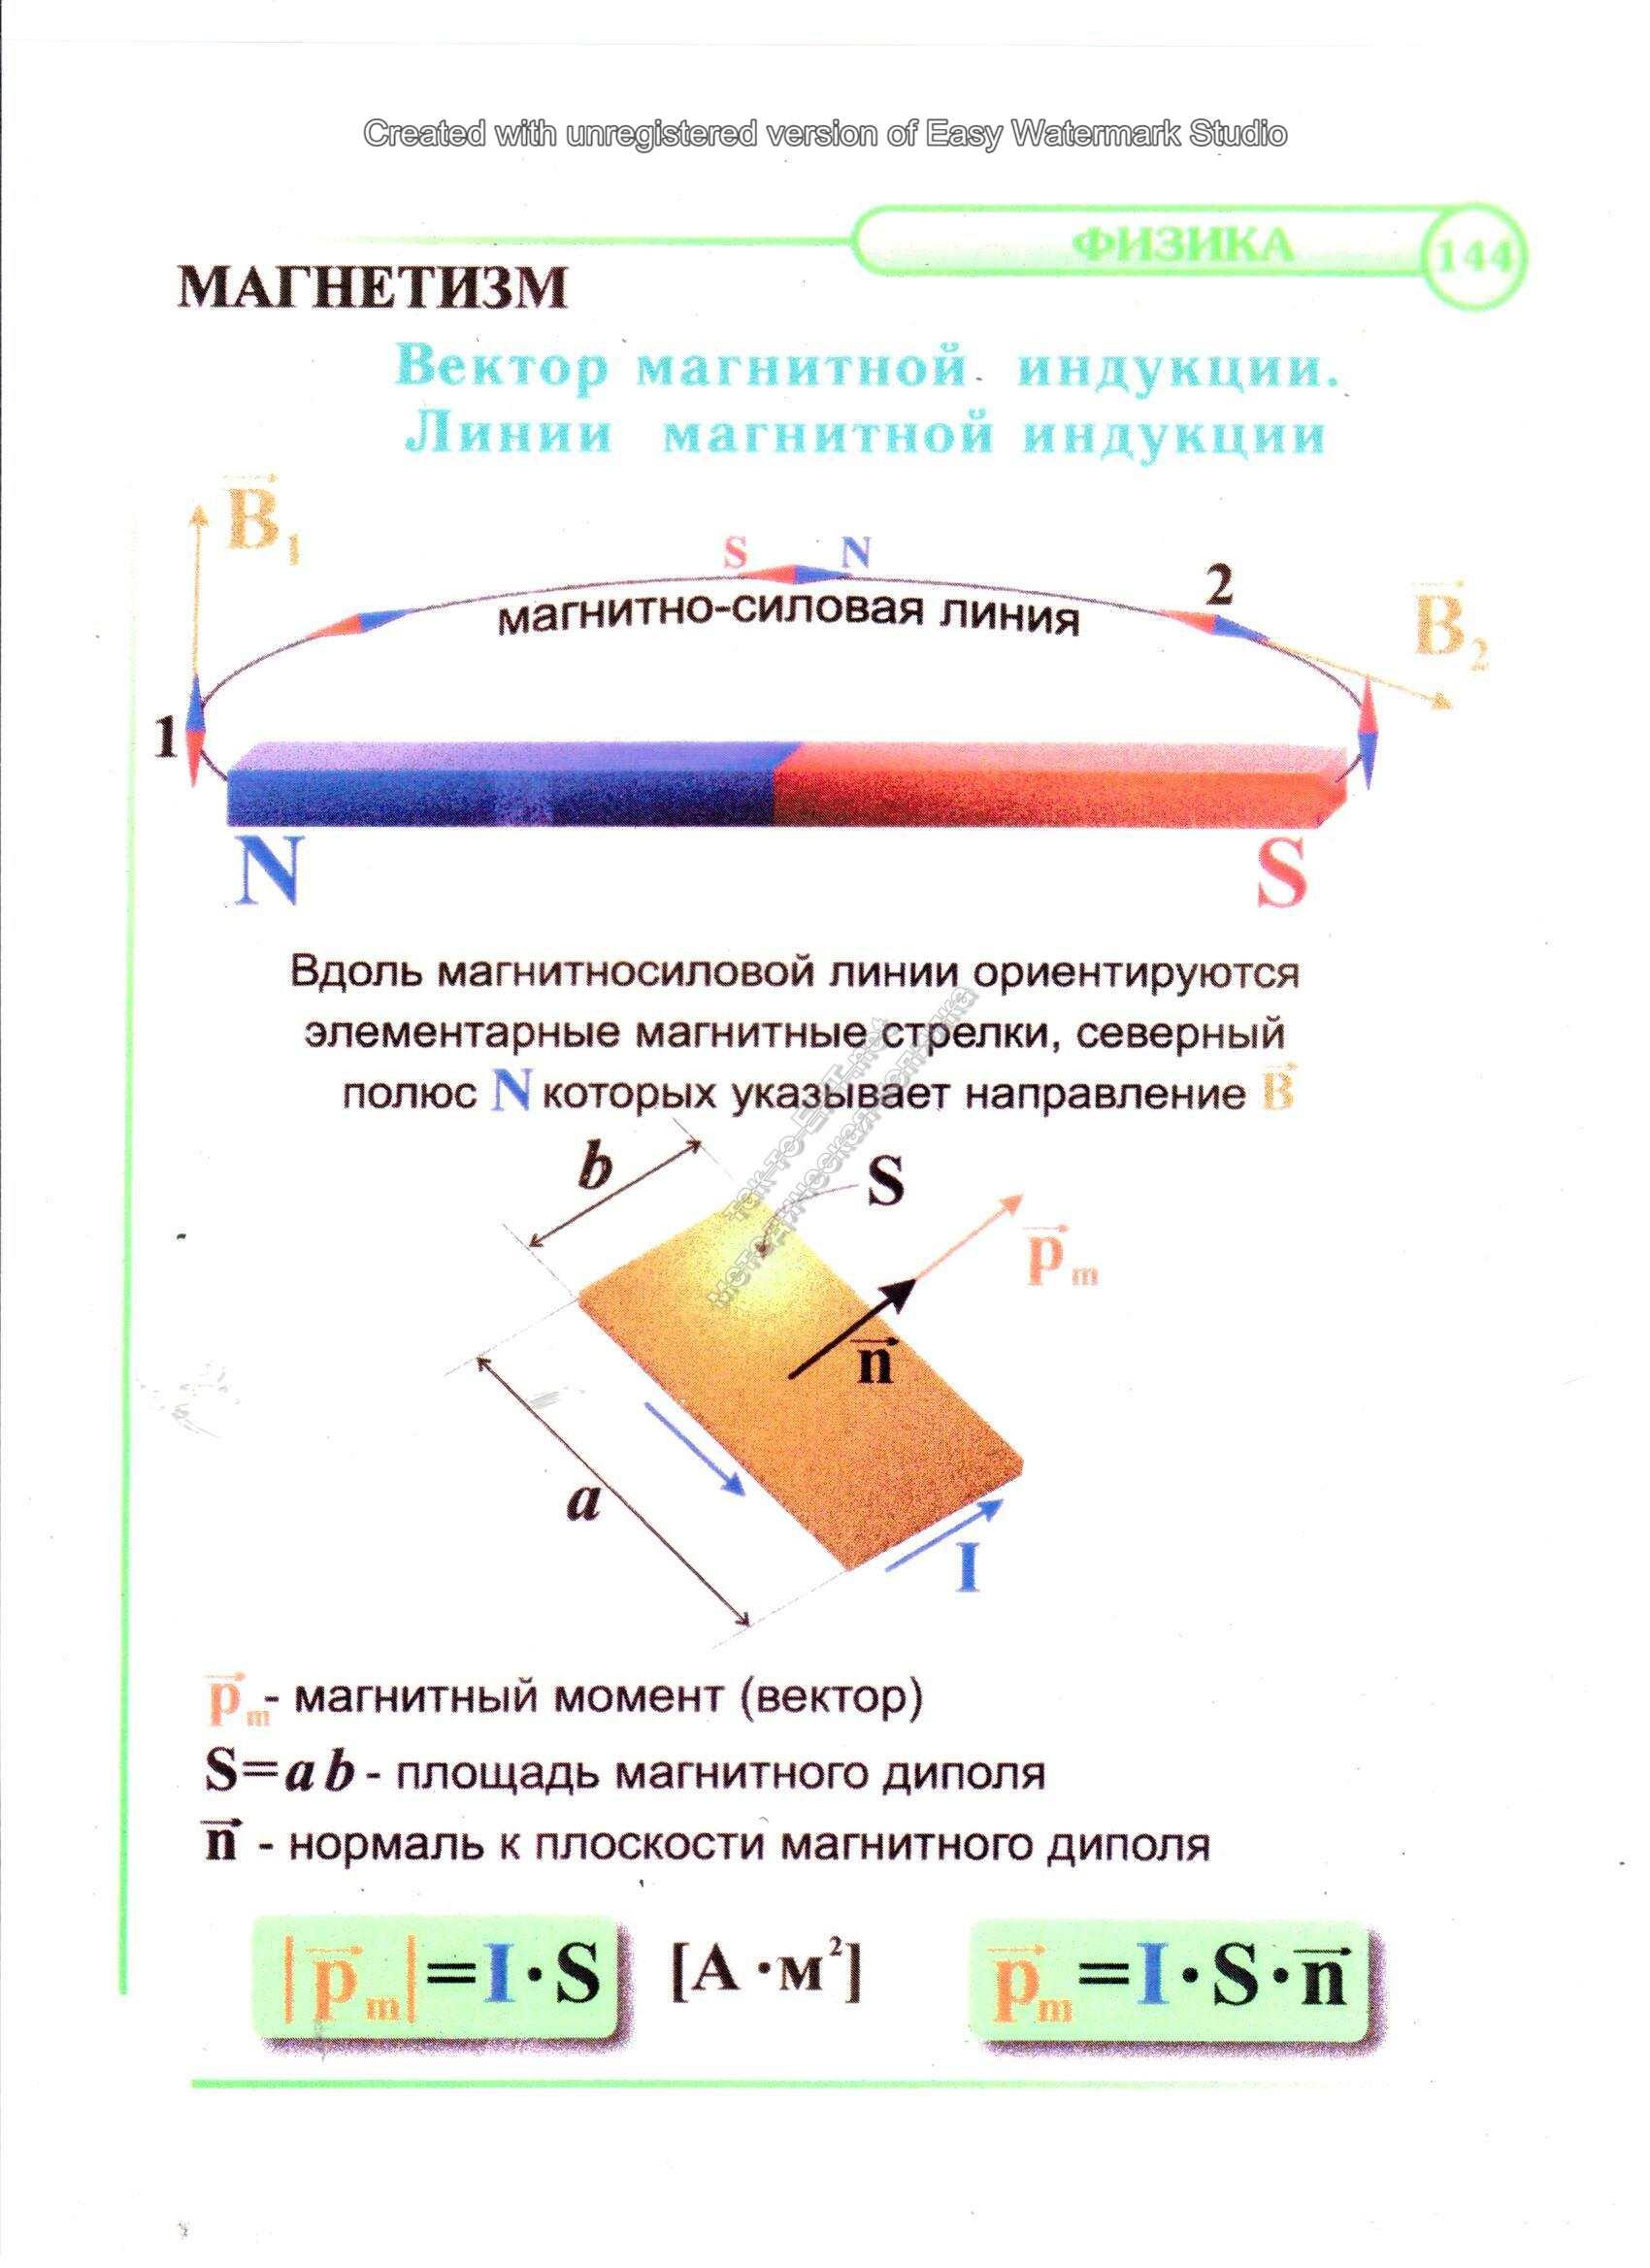 Вектор магнитной индукции. Линии магнитной индукции